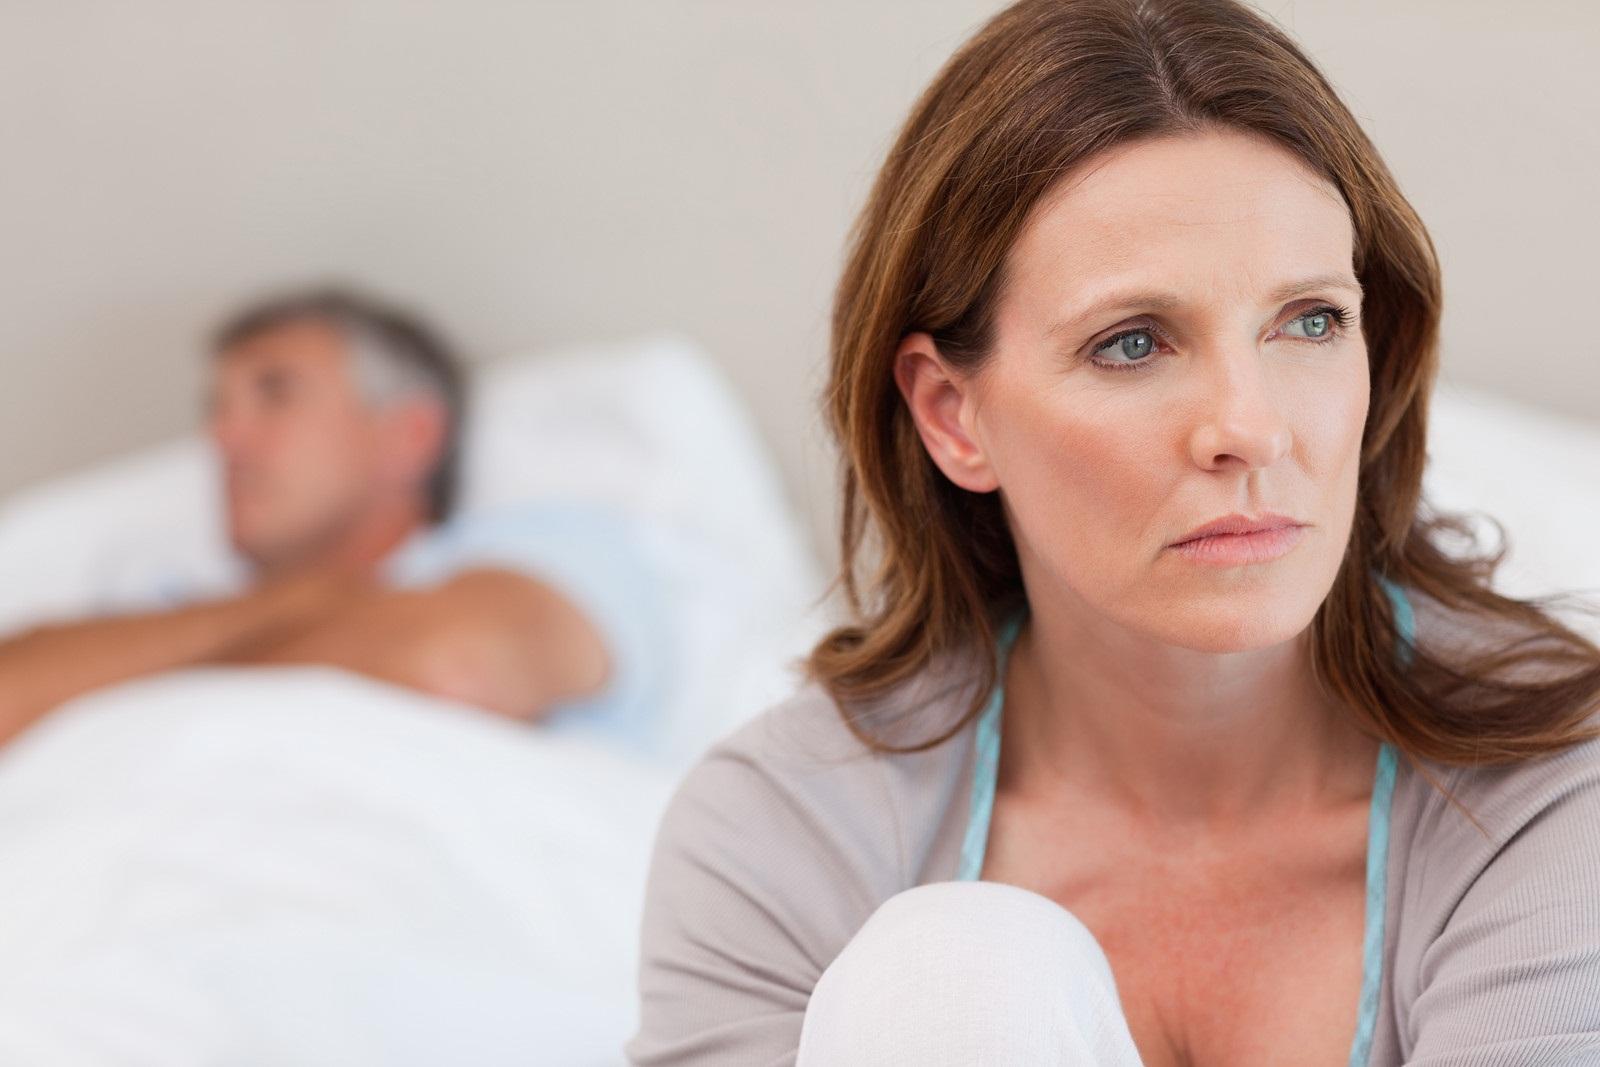 Ученые: Продолжительные отношения снижают сексуальное влечение уженщин